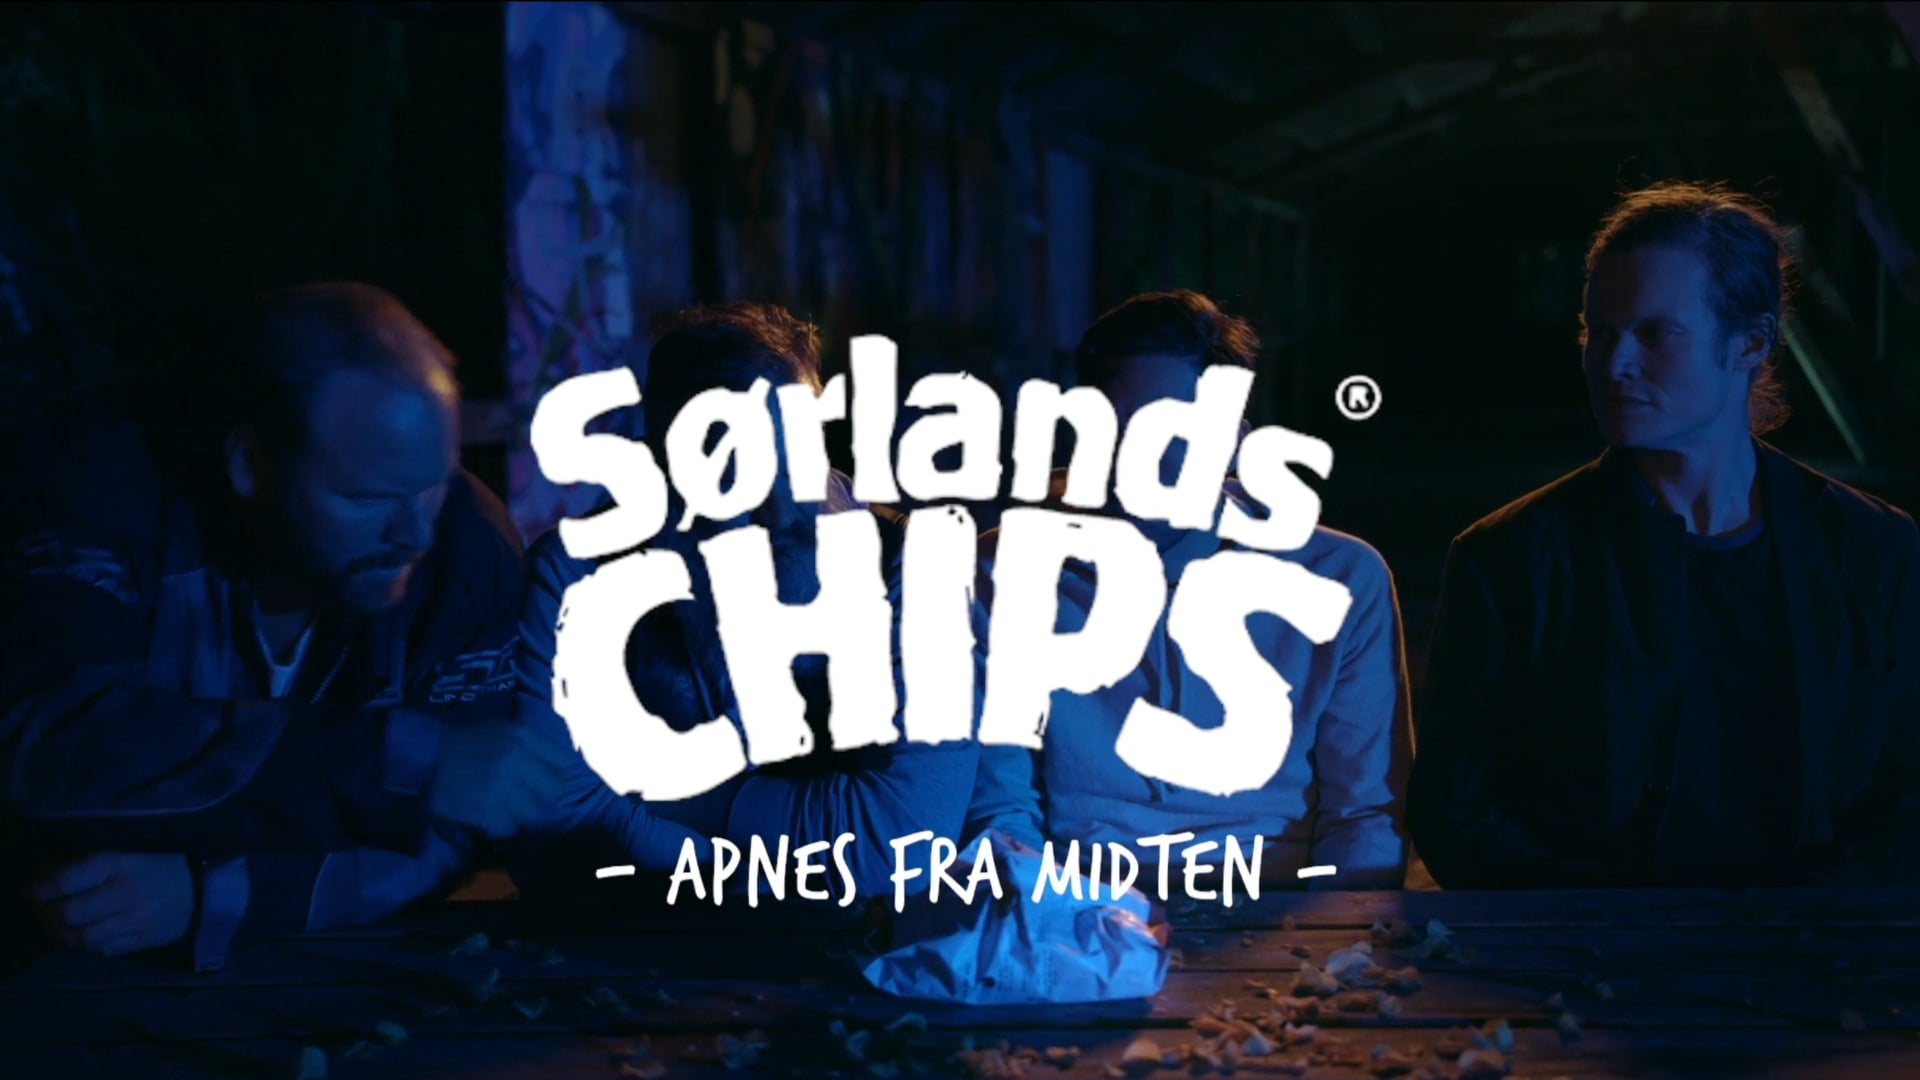 Sørlandschips